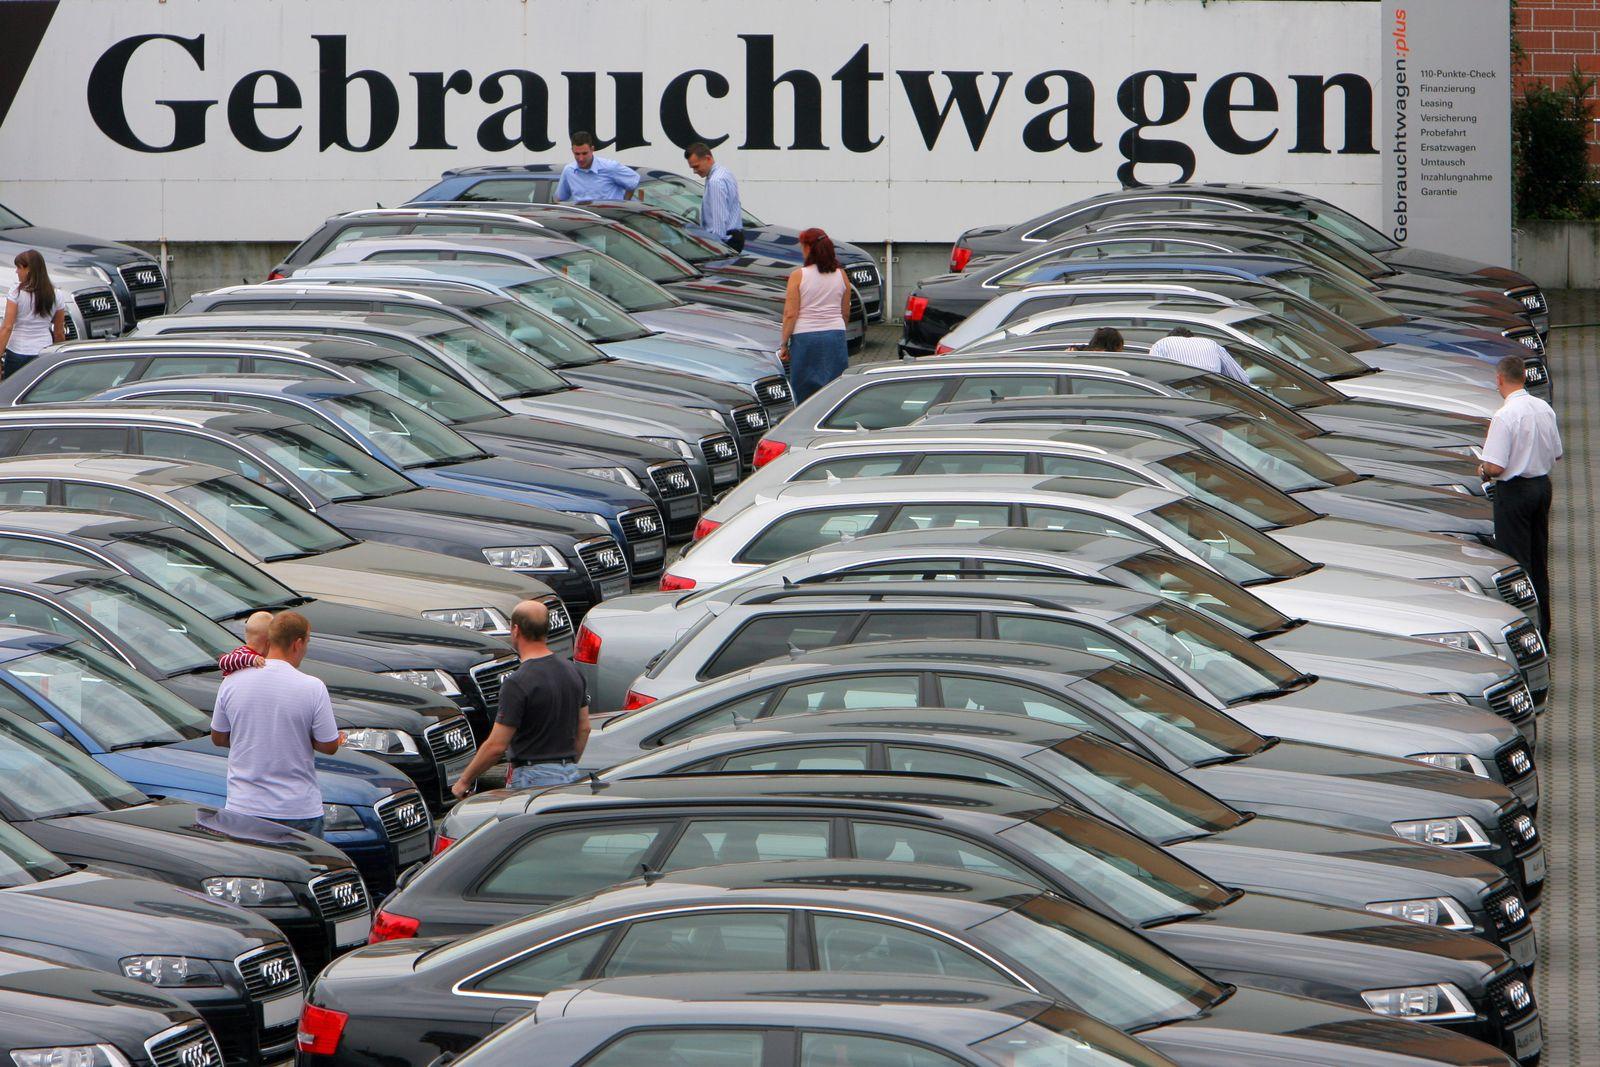 Verhandlungen über Bedingungen einer Gebrauchtwagen-Garantie